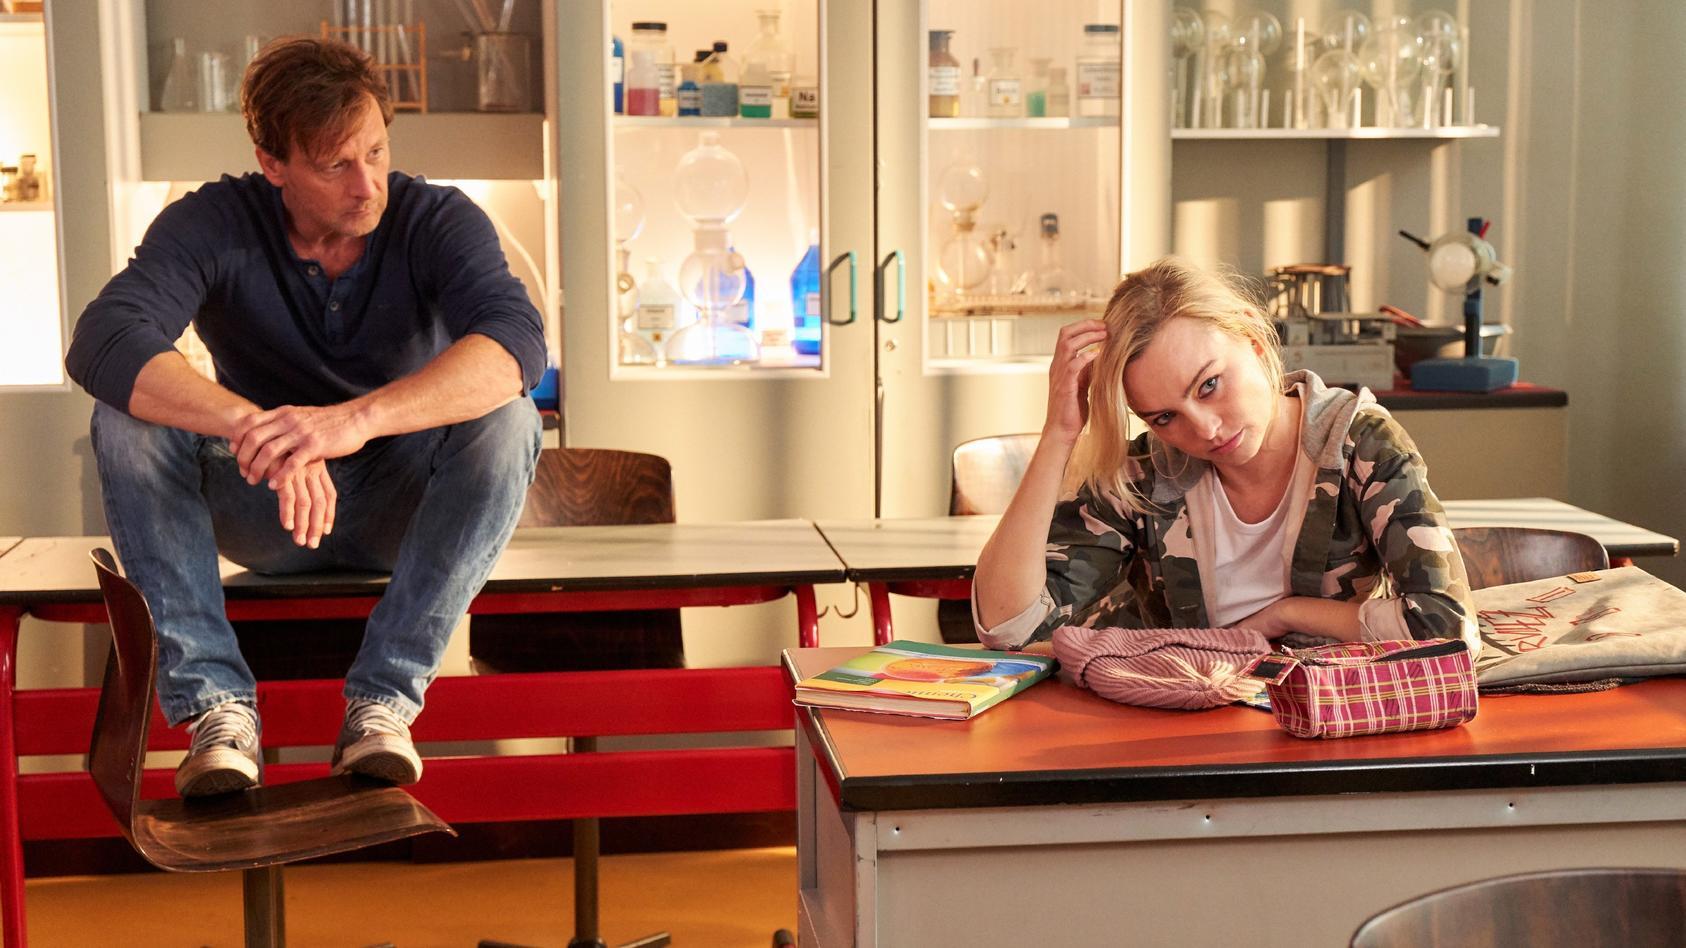 Maxi (Kyra Kahre) tut sich zuerst schwer mit dem Unterricht. Stefan Vollmer (Hendrik Duryn) versucht ihr die Schule wieder etwas näher zu bringen.